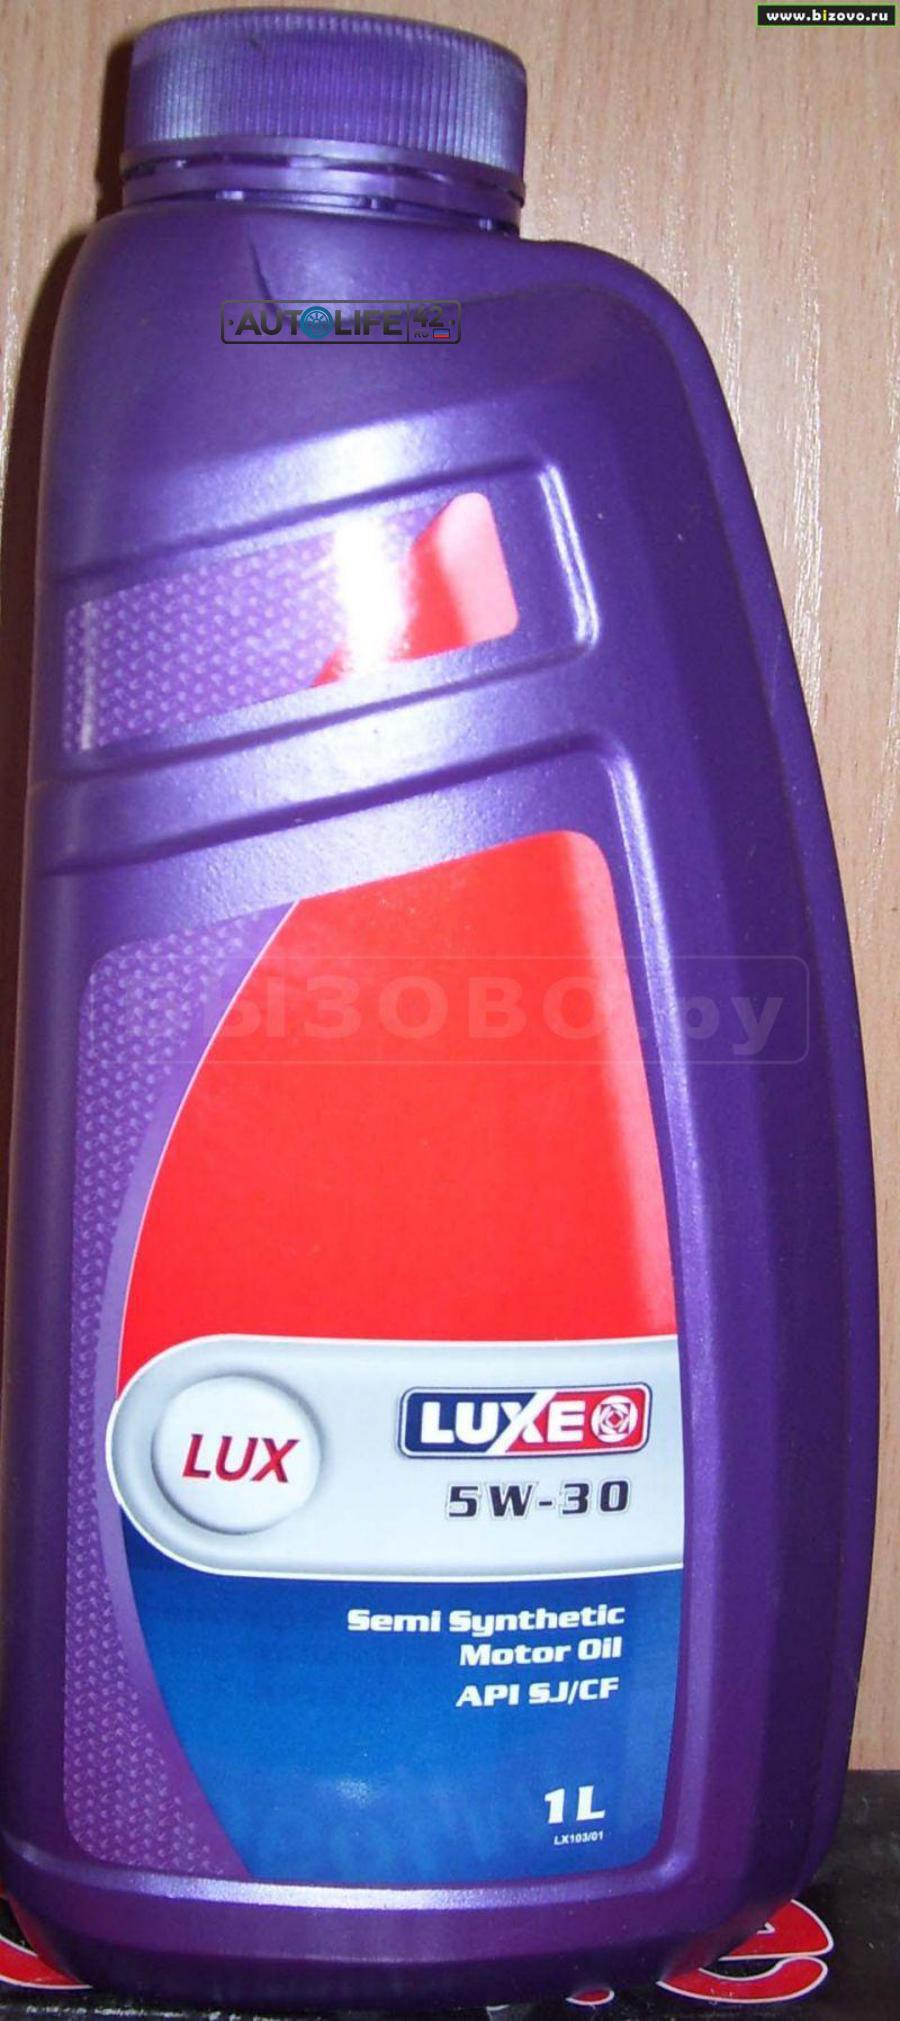 Масло моторное полусинтетическое Lux 5W-30, 1л